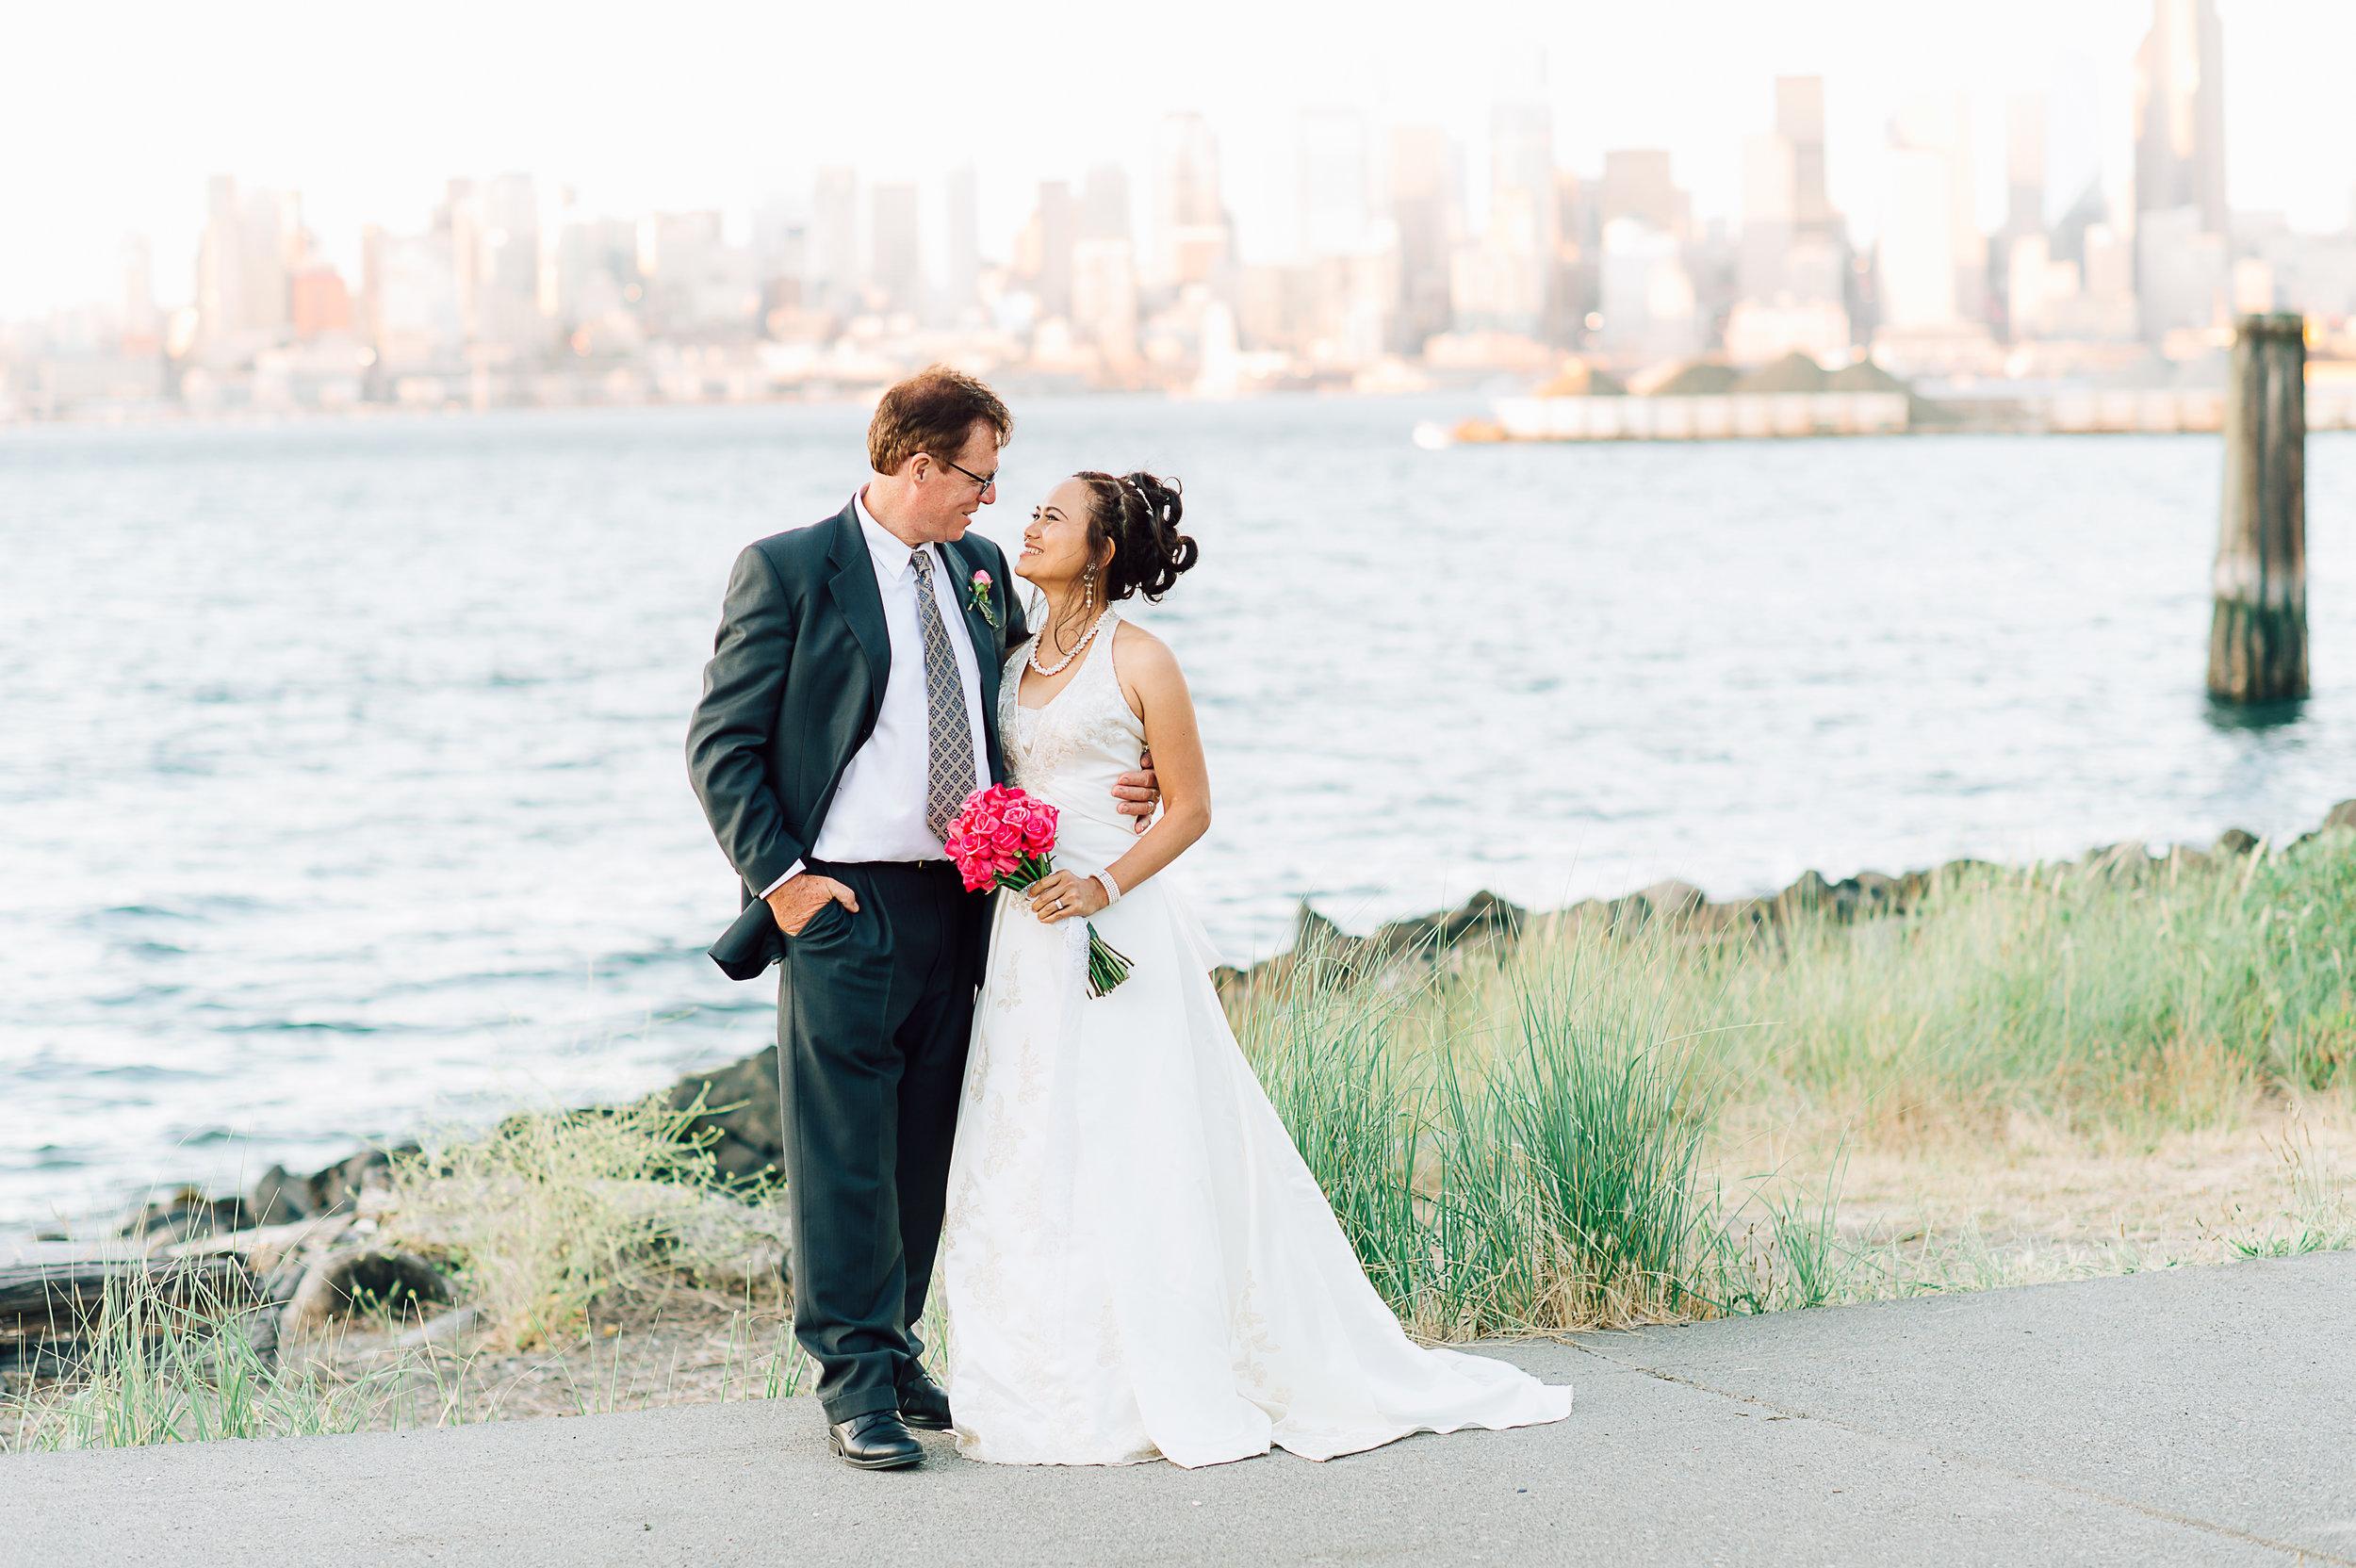 destinationwedding_Seattle_virginiaphotographer_youseephotography_LidiaOtto (663).jpg